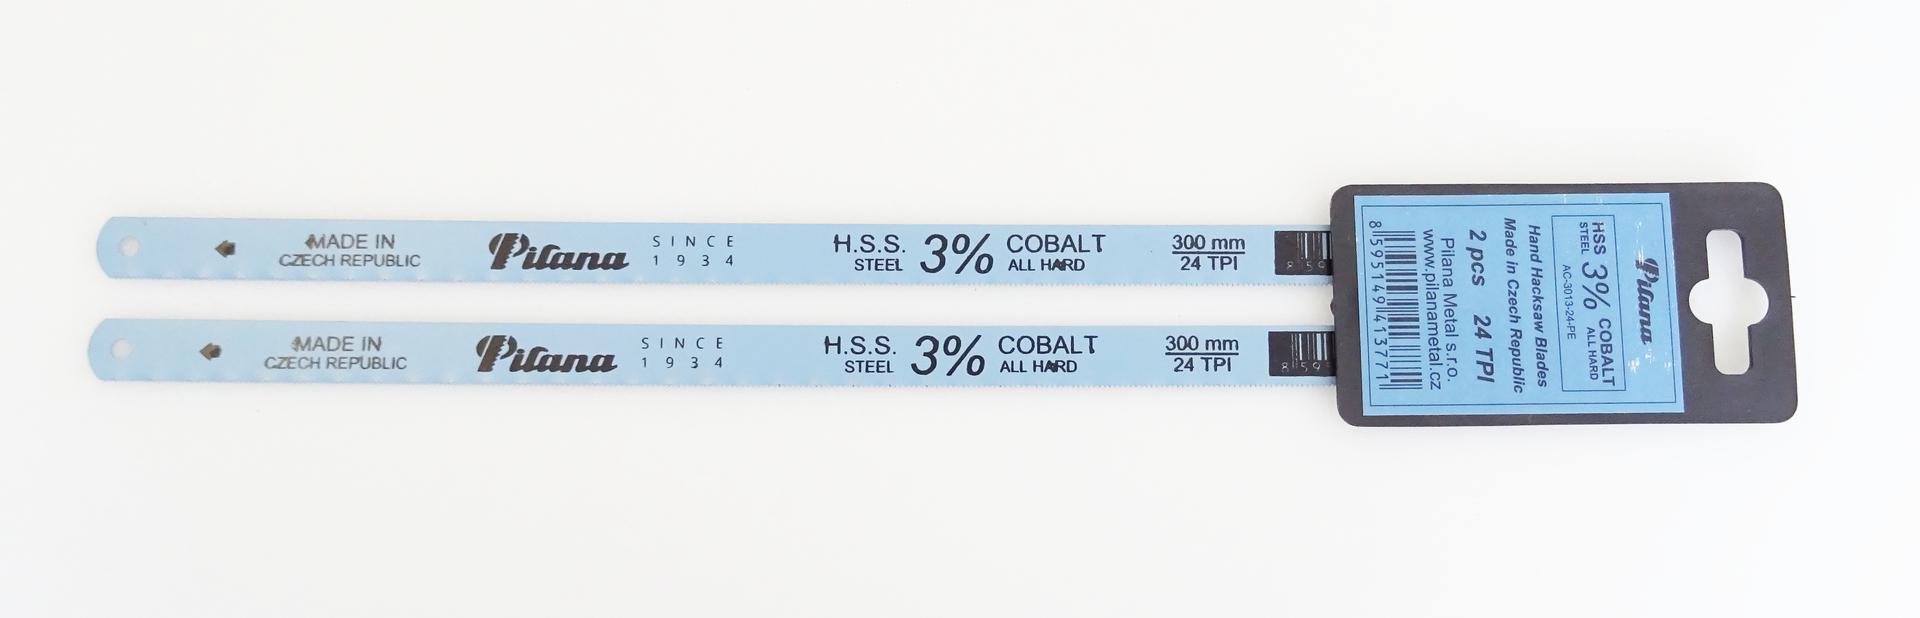 Pilový list - plátek HSS all hard cobalt 300 mm, balení 2 kusy